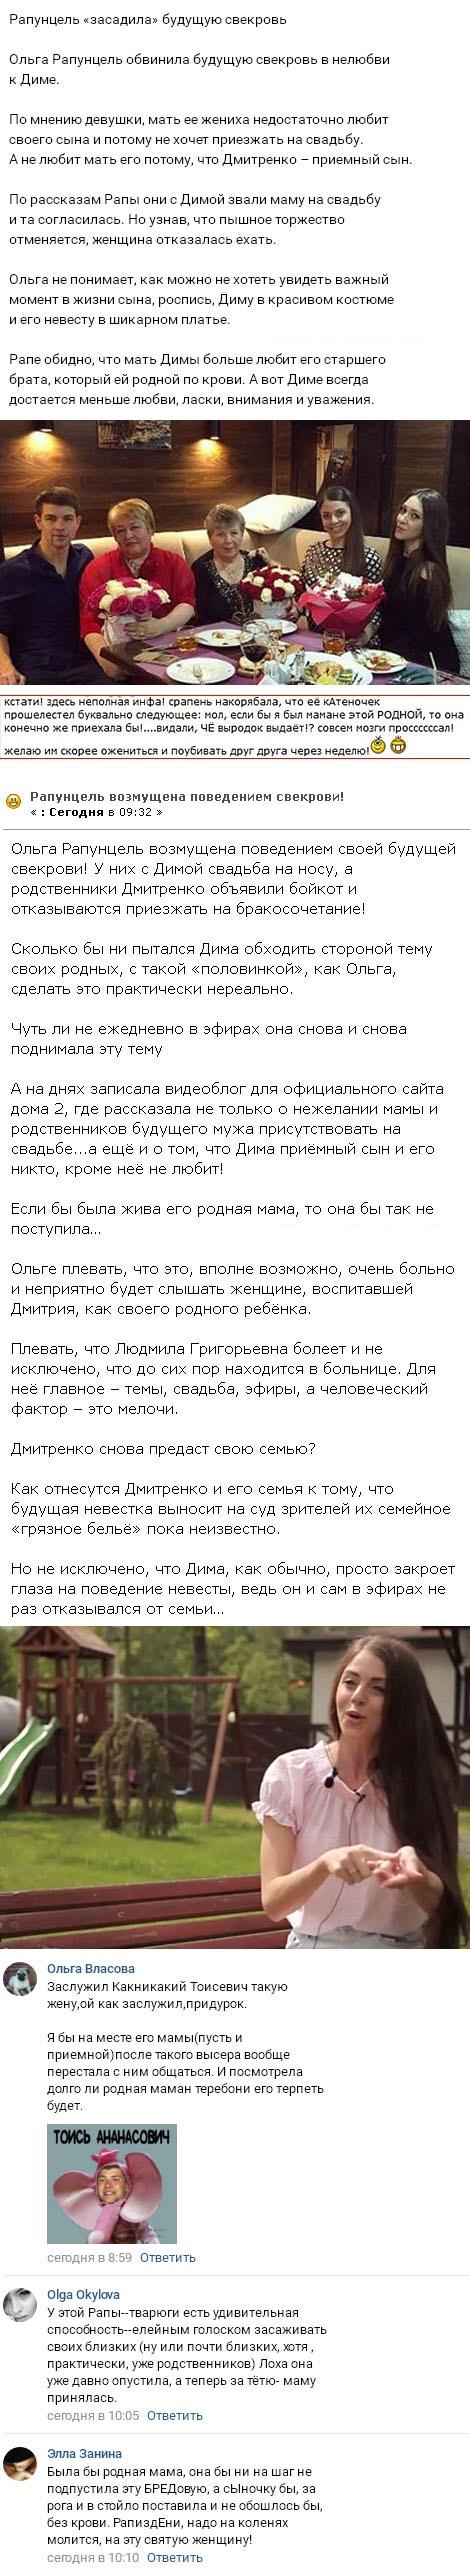 Ольга Рапунцель окончательно слетела с катушек